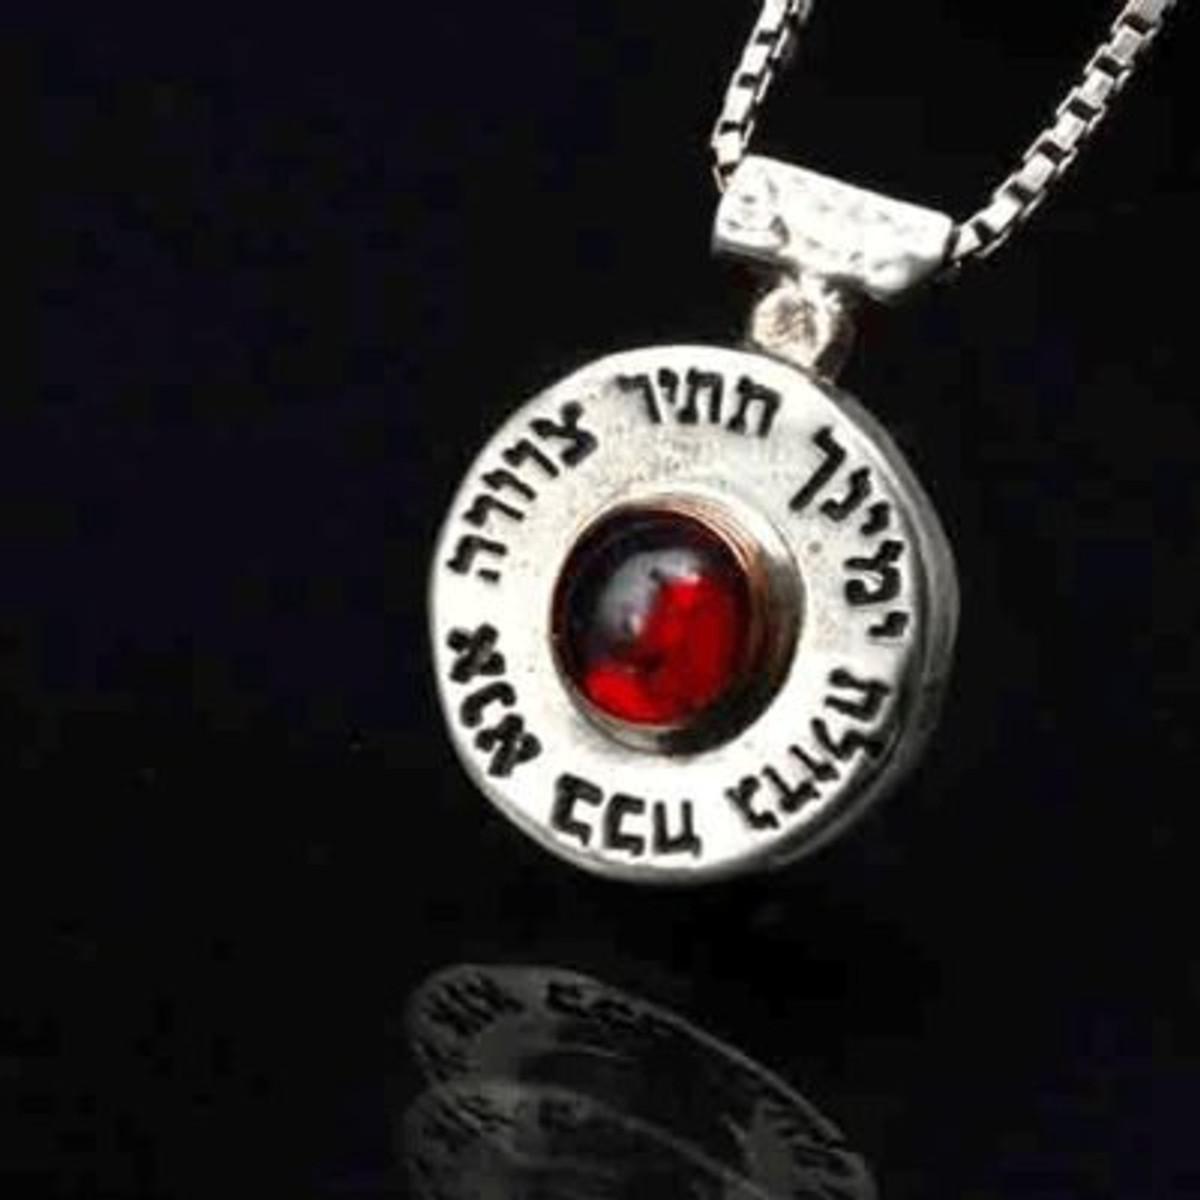 Kabbalah Jewelry Pendant With Ana Bekoach Prayer And Gem